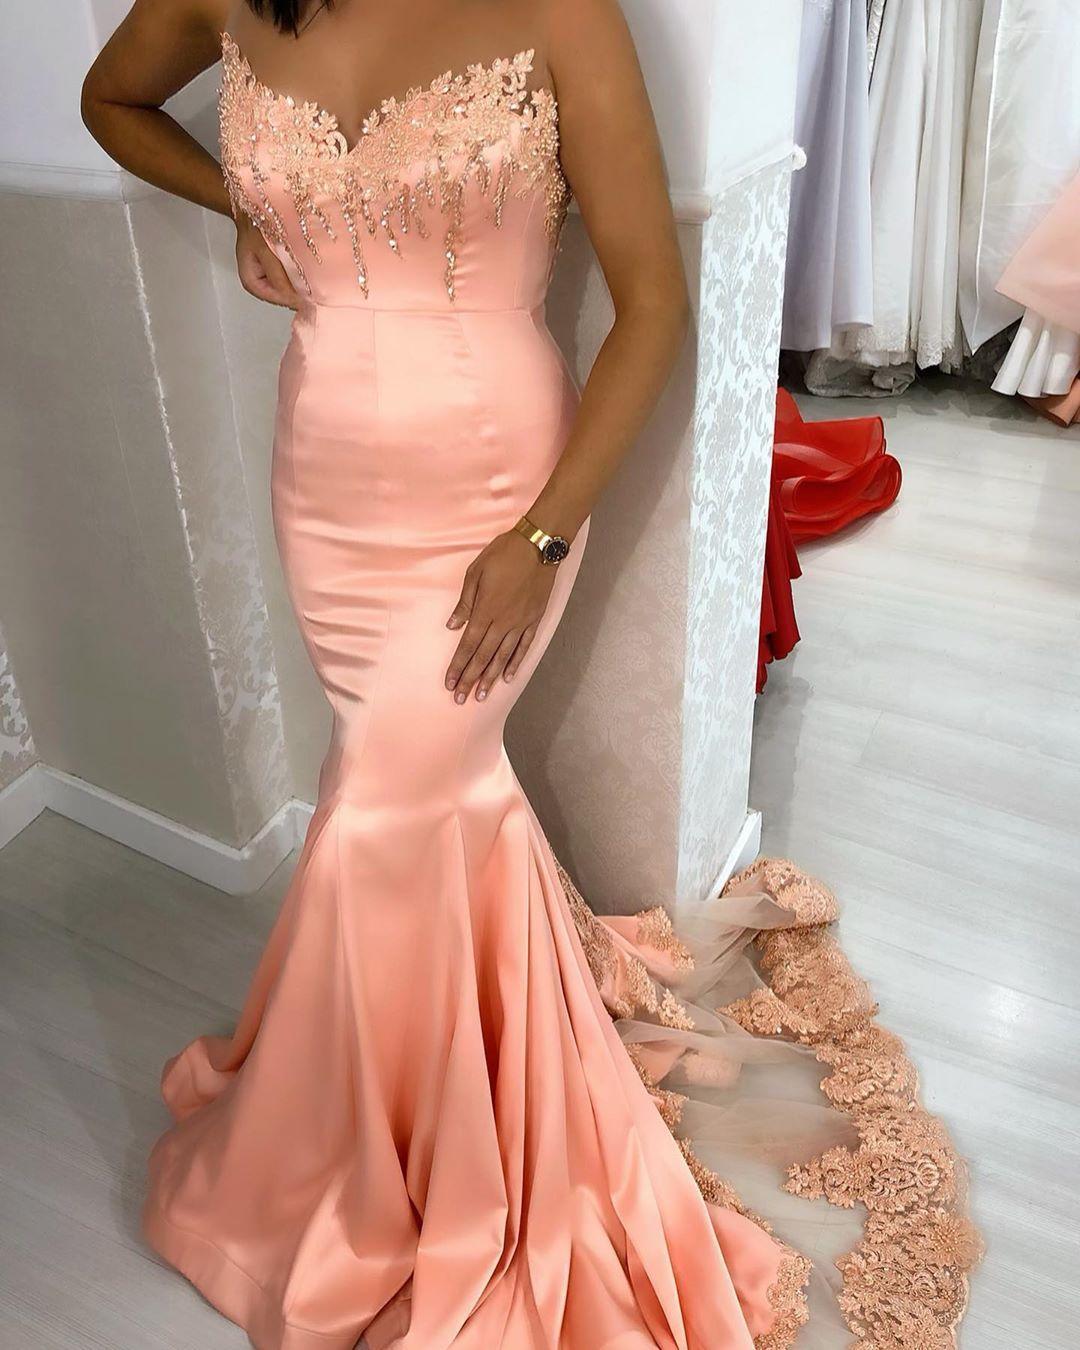 Aso Ebi 2020 árabe rubor rosa sirena vestidos de noche de encaje con cuentas vestidos de baile Sheer cuello formal fiesta recepción vestidos de dama de honor ZJ443